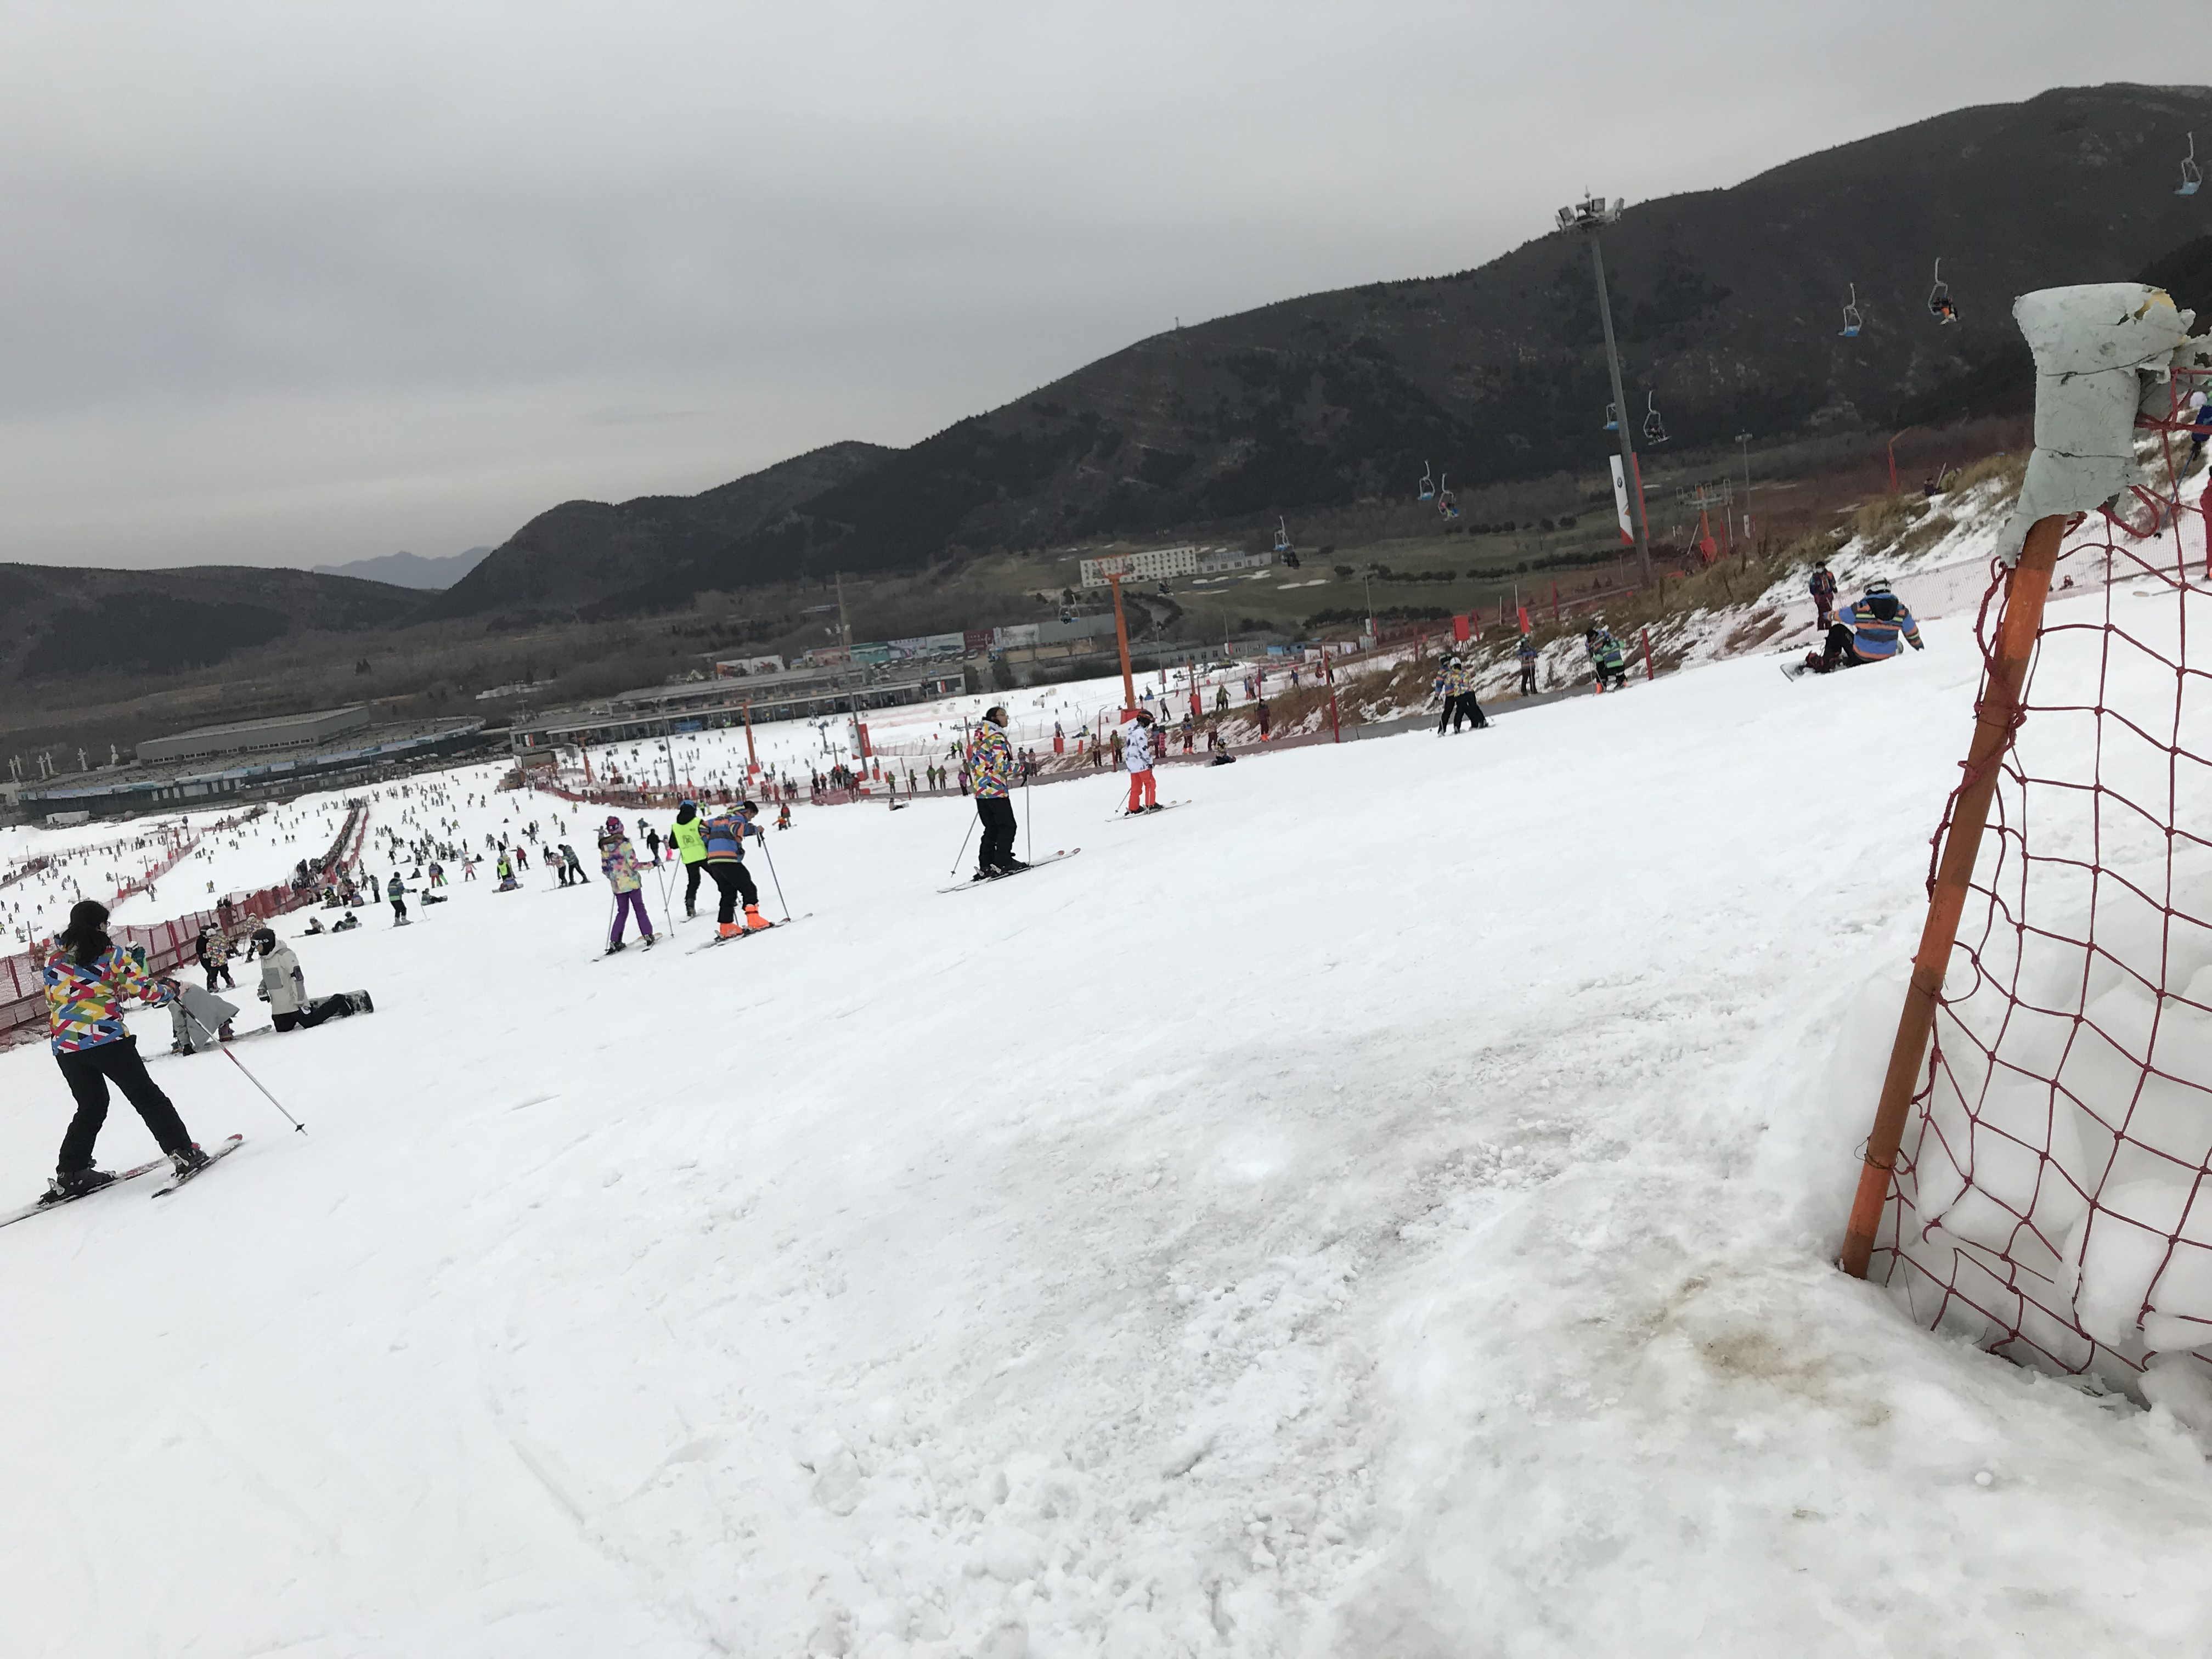 12月22日由圆方冒险委员会组织同学们去北京渔阳国际滑雪场滑雪, 快看快看,我们到滑雪场了,好期待呀,我不会滑雪,但肯定好玩,我一定要好好学习滑雪同学们 你一言我一语的交流着。 学生们满满的期待,一幅幅跃跃欲试的表情走进滑雪场,滑雪教练为同学们讲解了滑雪板正确穿卸方法、滑雪时应该掌握的安全知识,包括正确摔倒姿势、正确站起姿势、初级滑雪者握雪仗的方式等注意事项。讲解结束后,滑雪教练依次为每一位同学检查了滑雪装备,确保每一位同学都正确穿戴好滑雪装备。同学们根据教练讲的技巧,先开始热身,接着进行平底练